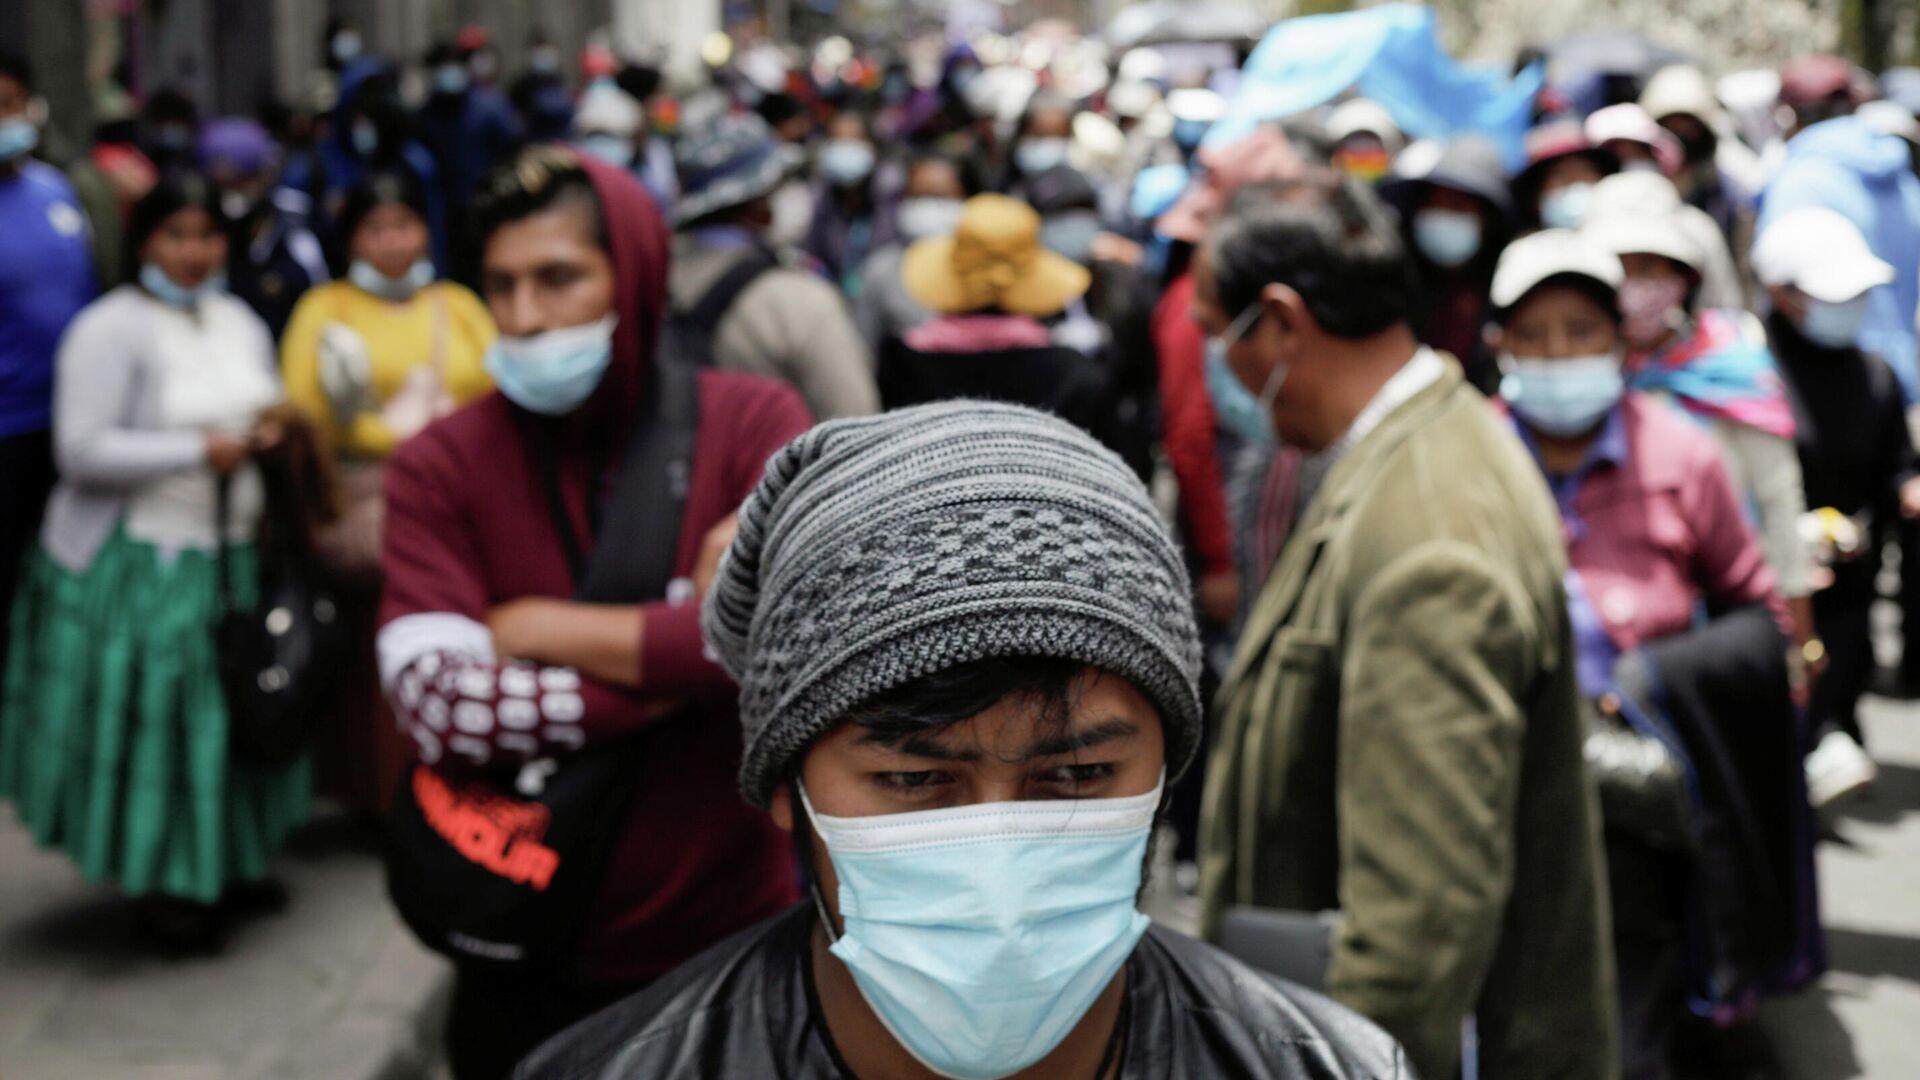 Manifestación de personal médico en La Paz, Bolivia - Sputnik Mundo, 1920, 22.02.2021